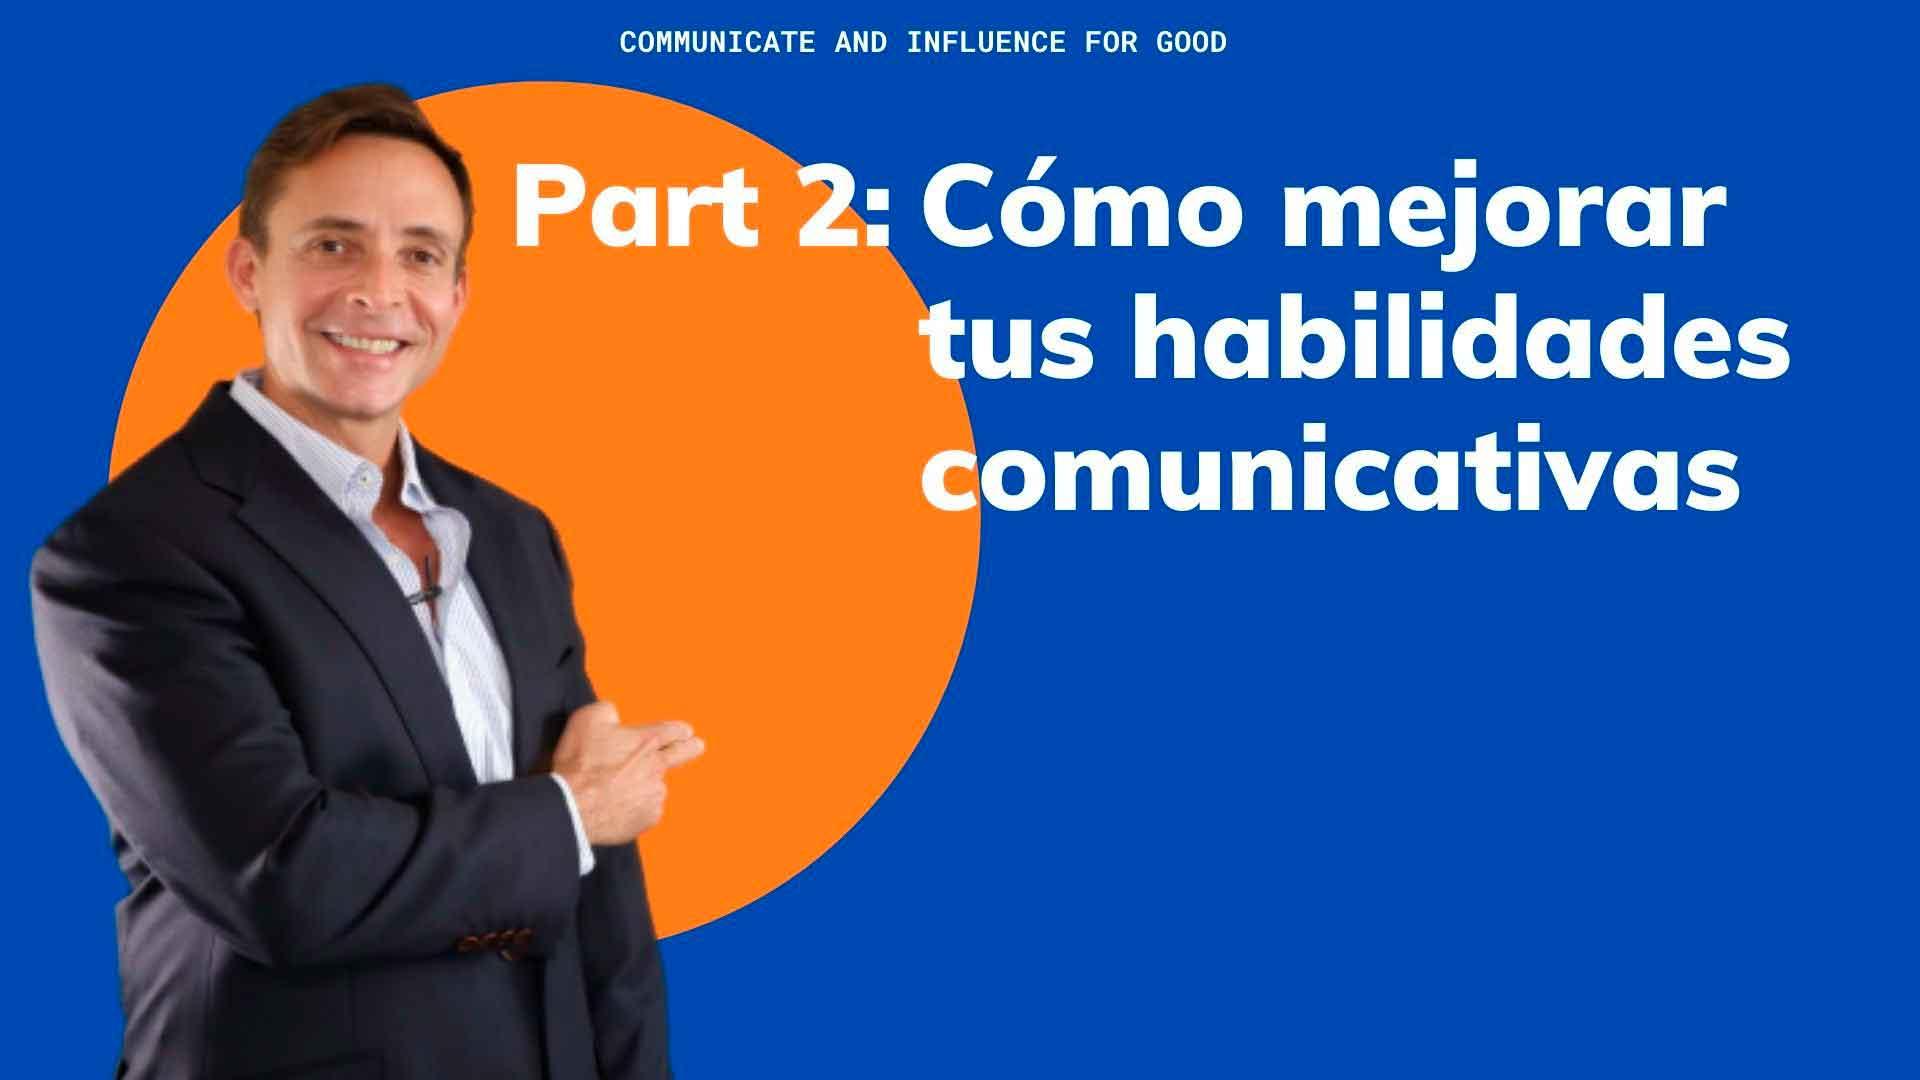 Cómo mejorar las habilidades comunicativas